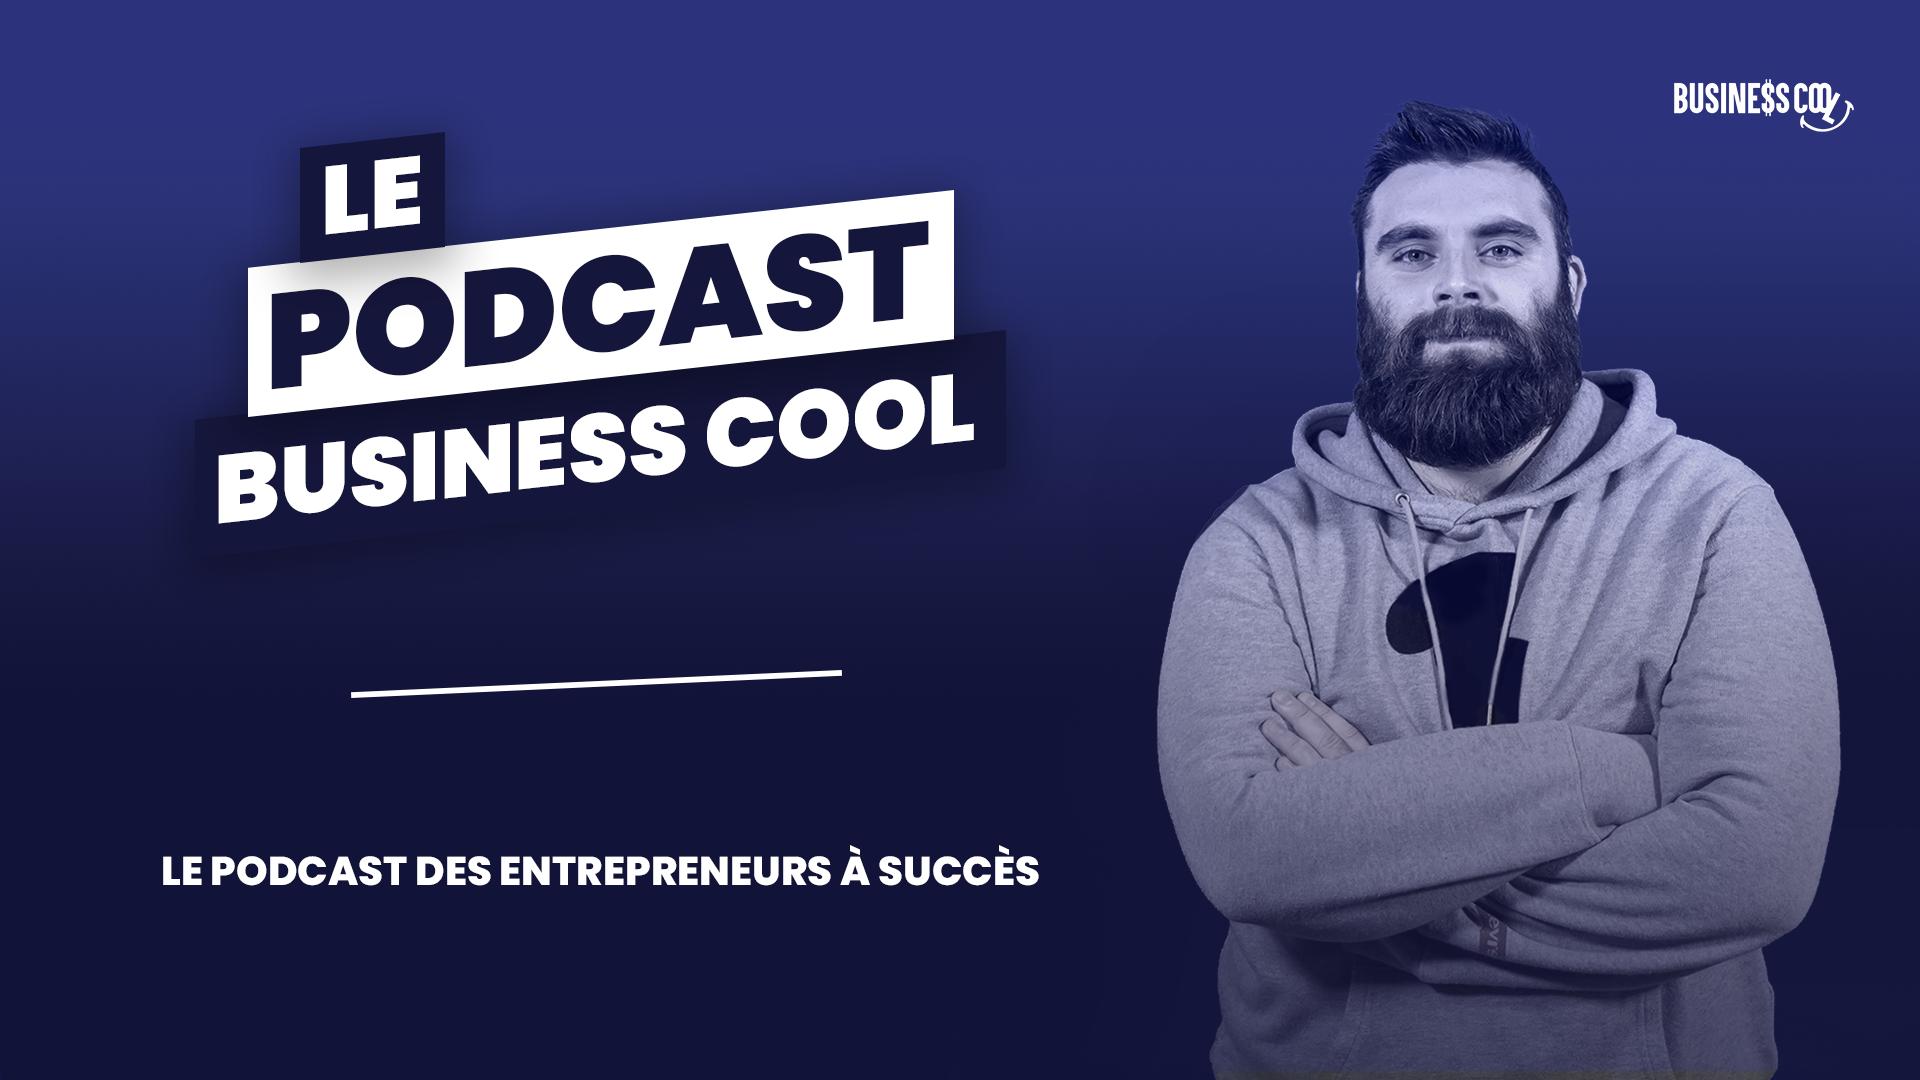 Podcast de Business Cool